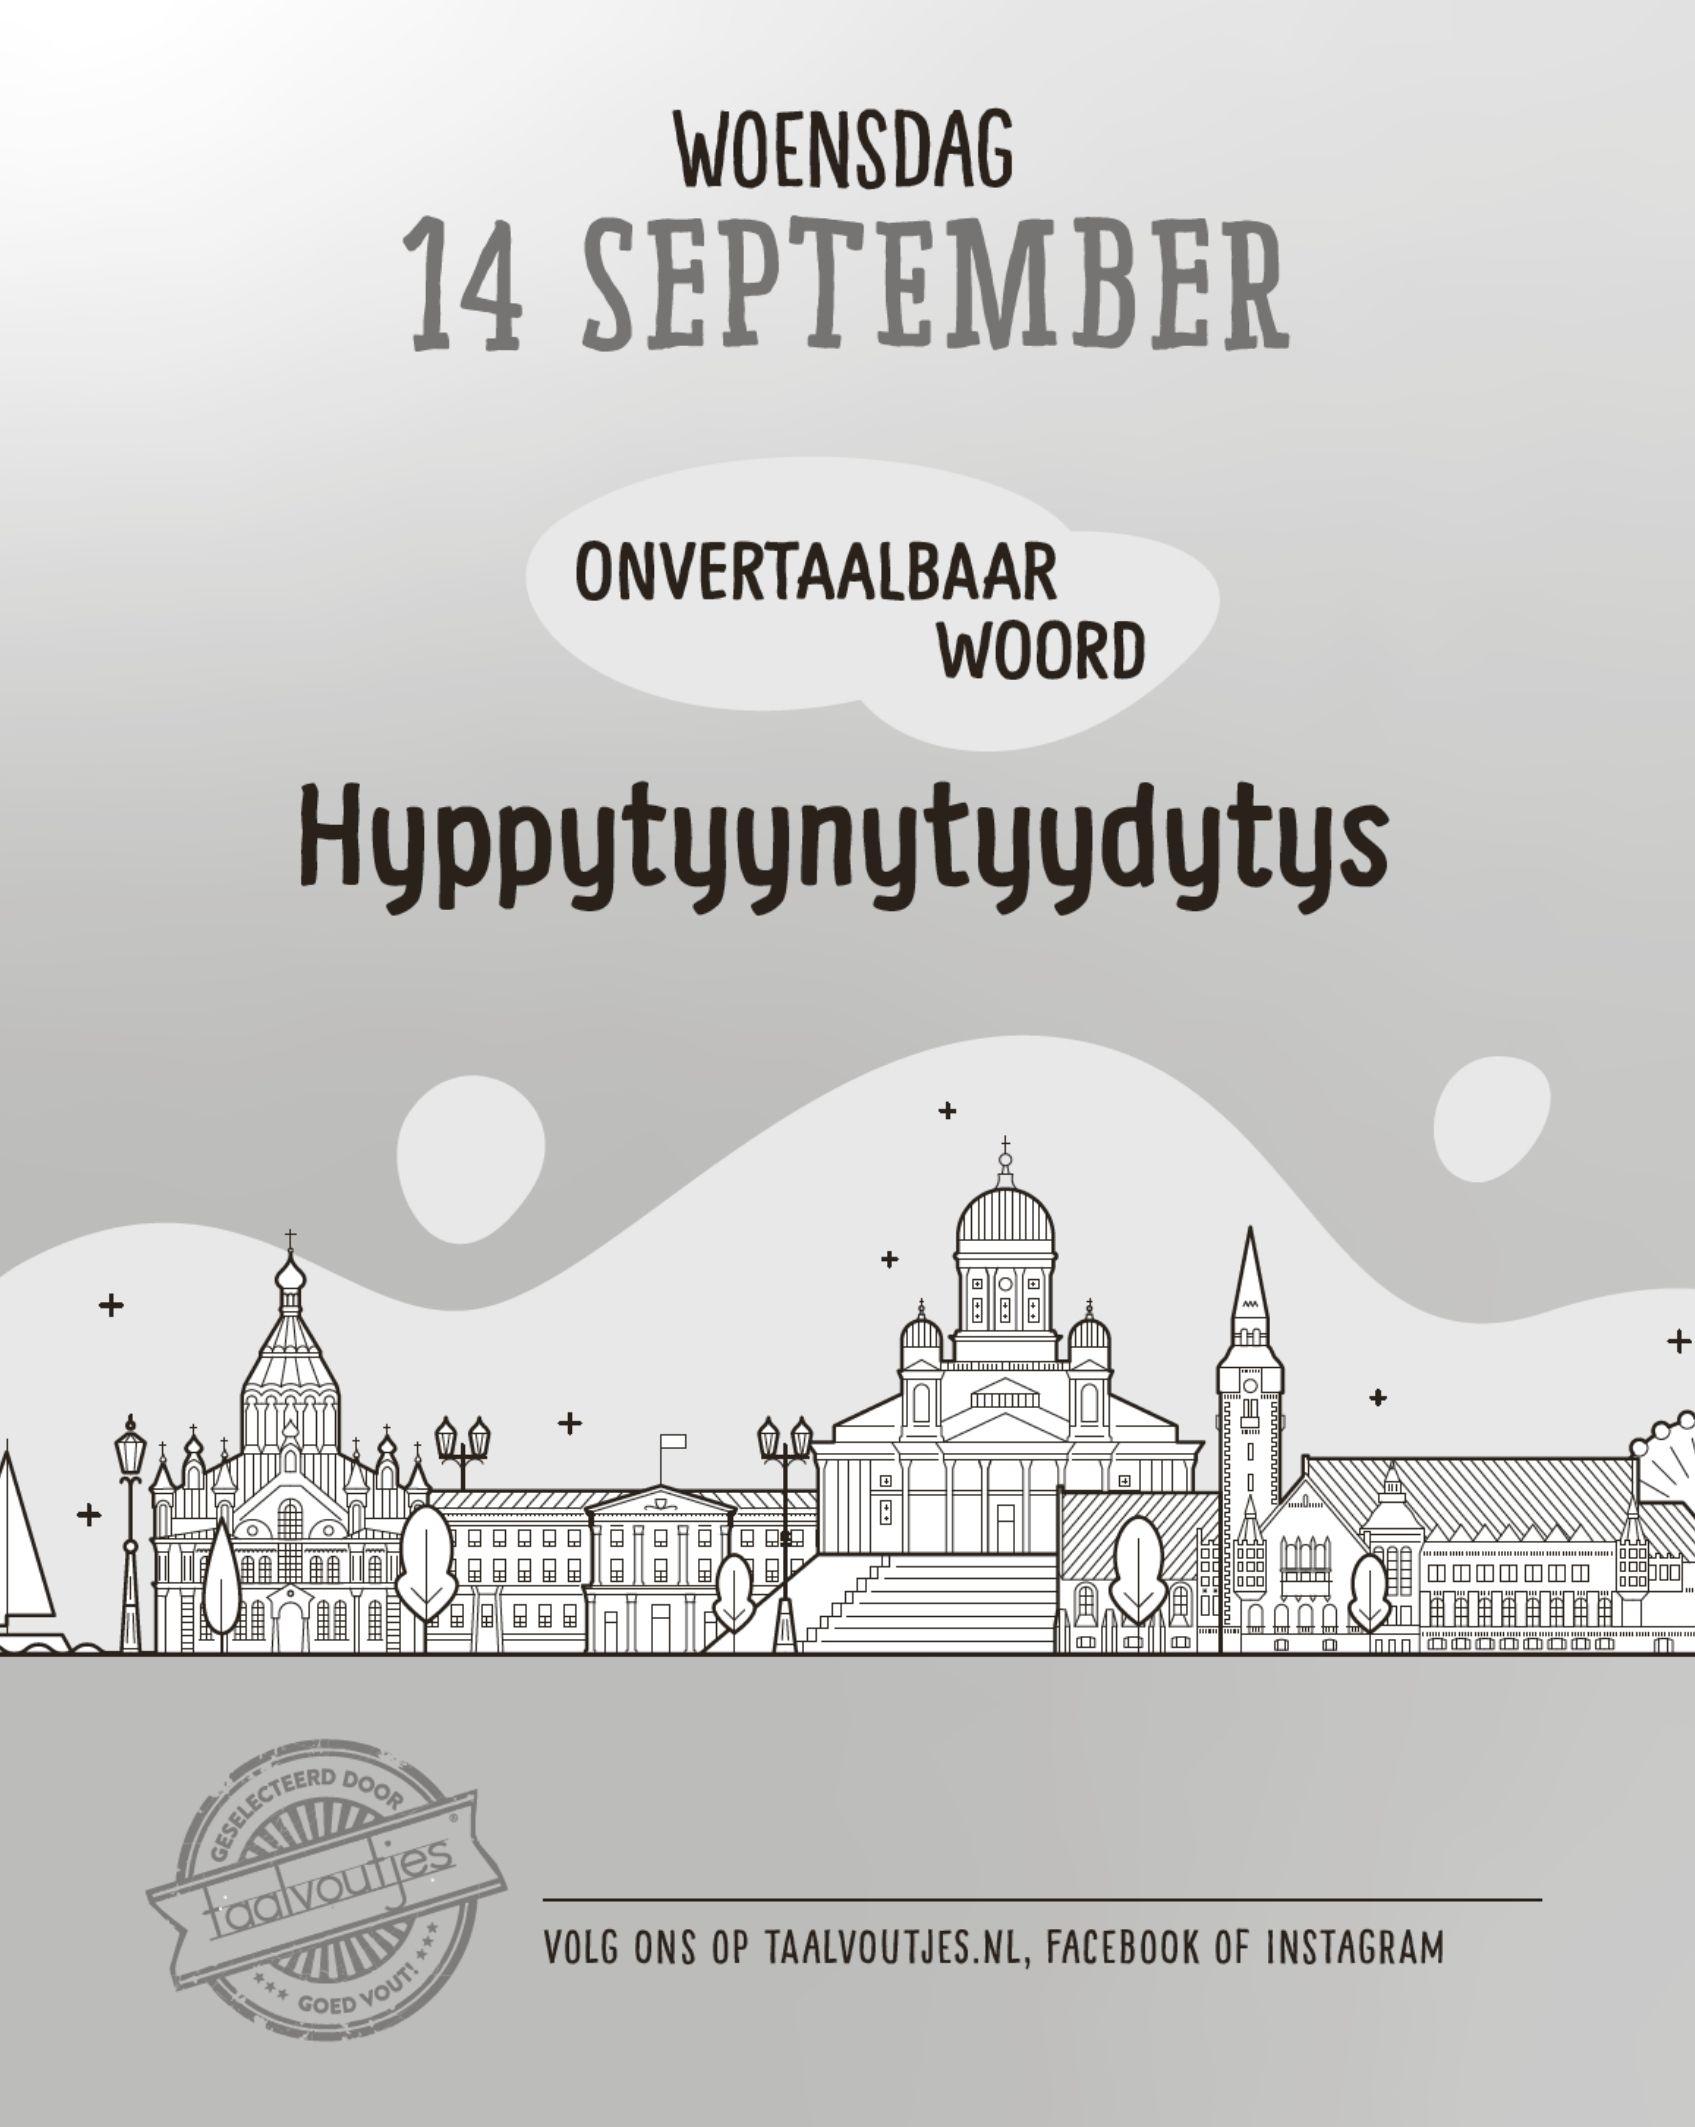 Taalvoutjes-scheurkalender 2022 - onvertaalbaar woord